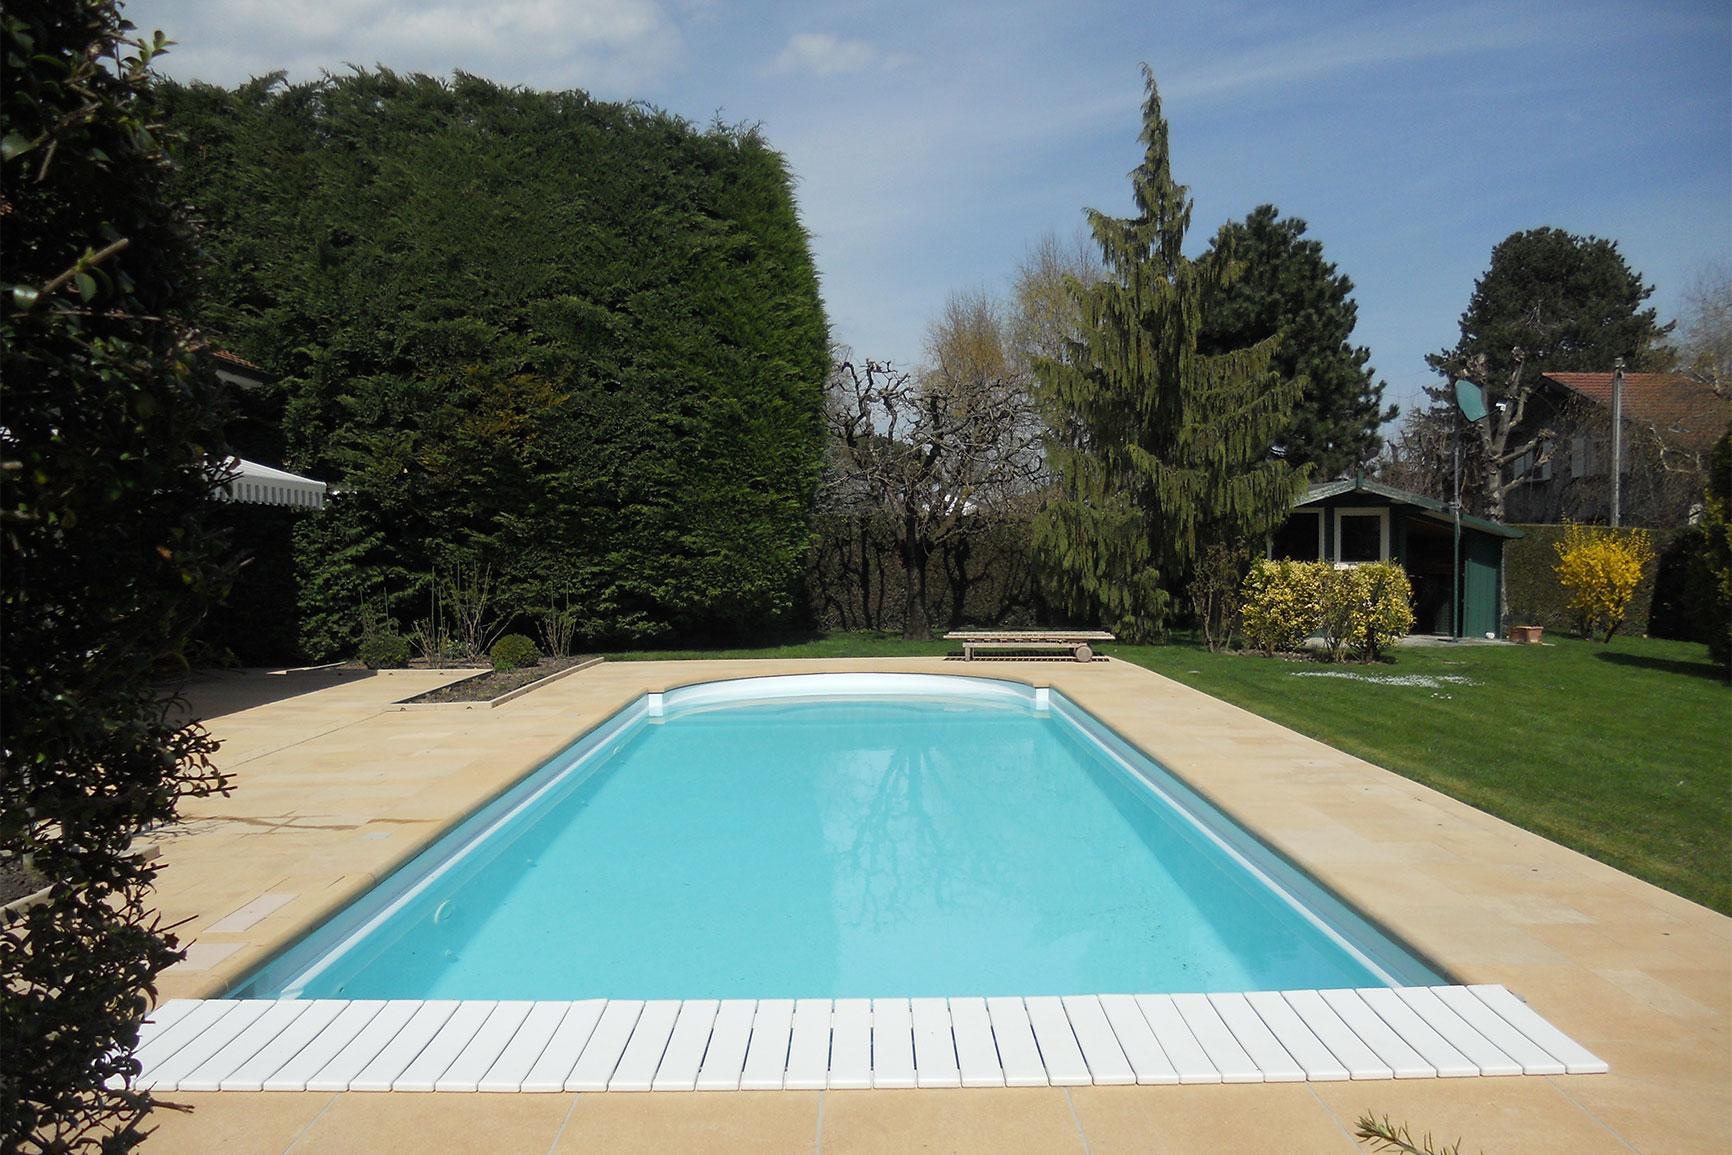 Piscine polyester piscines widmer for Chavannes piscine